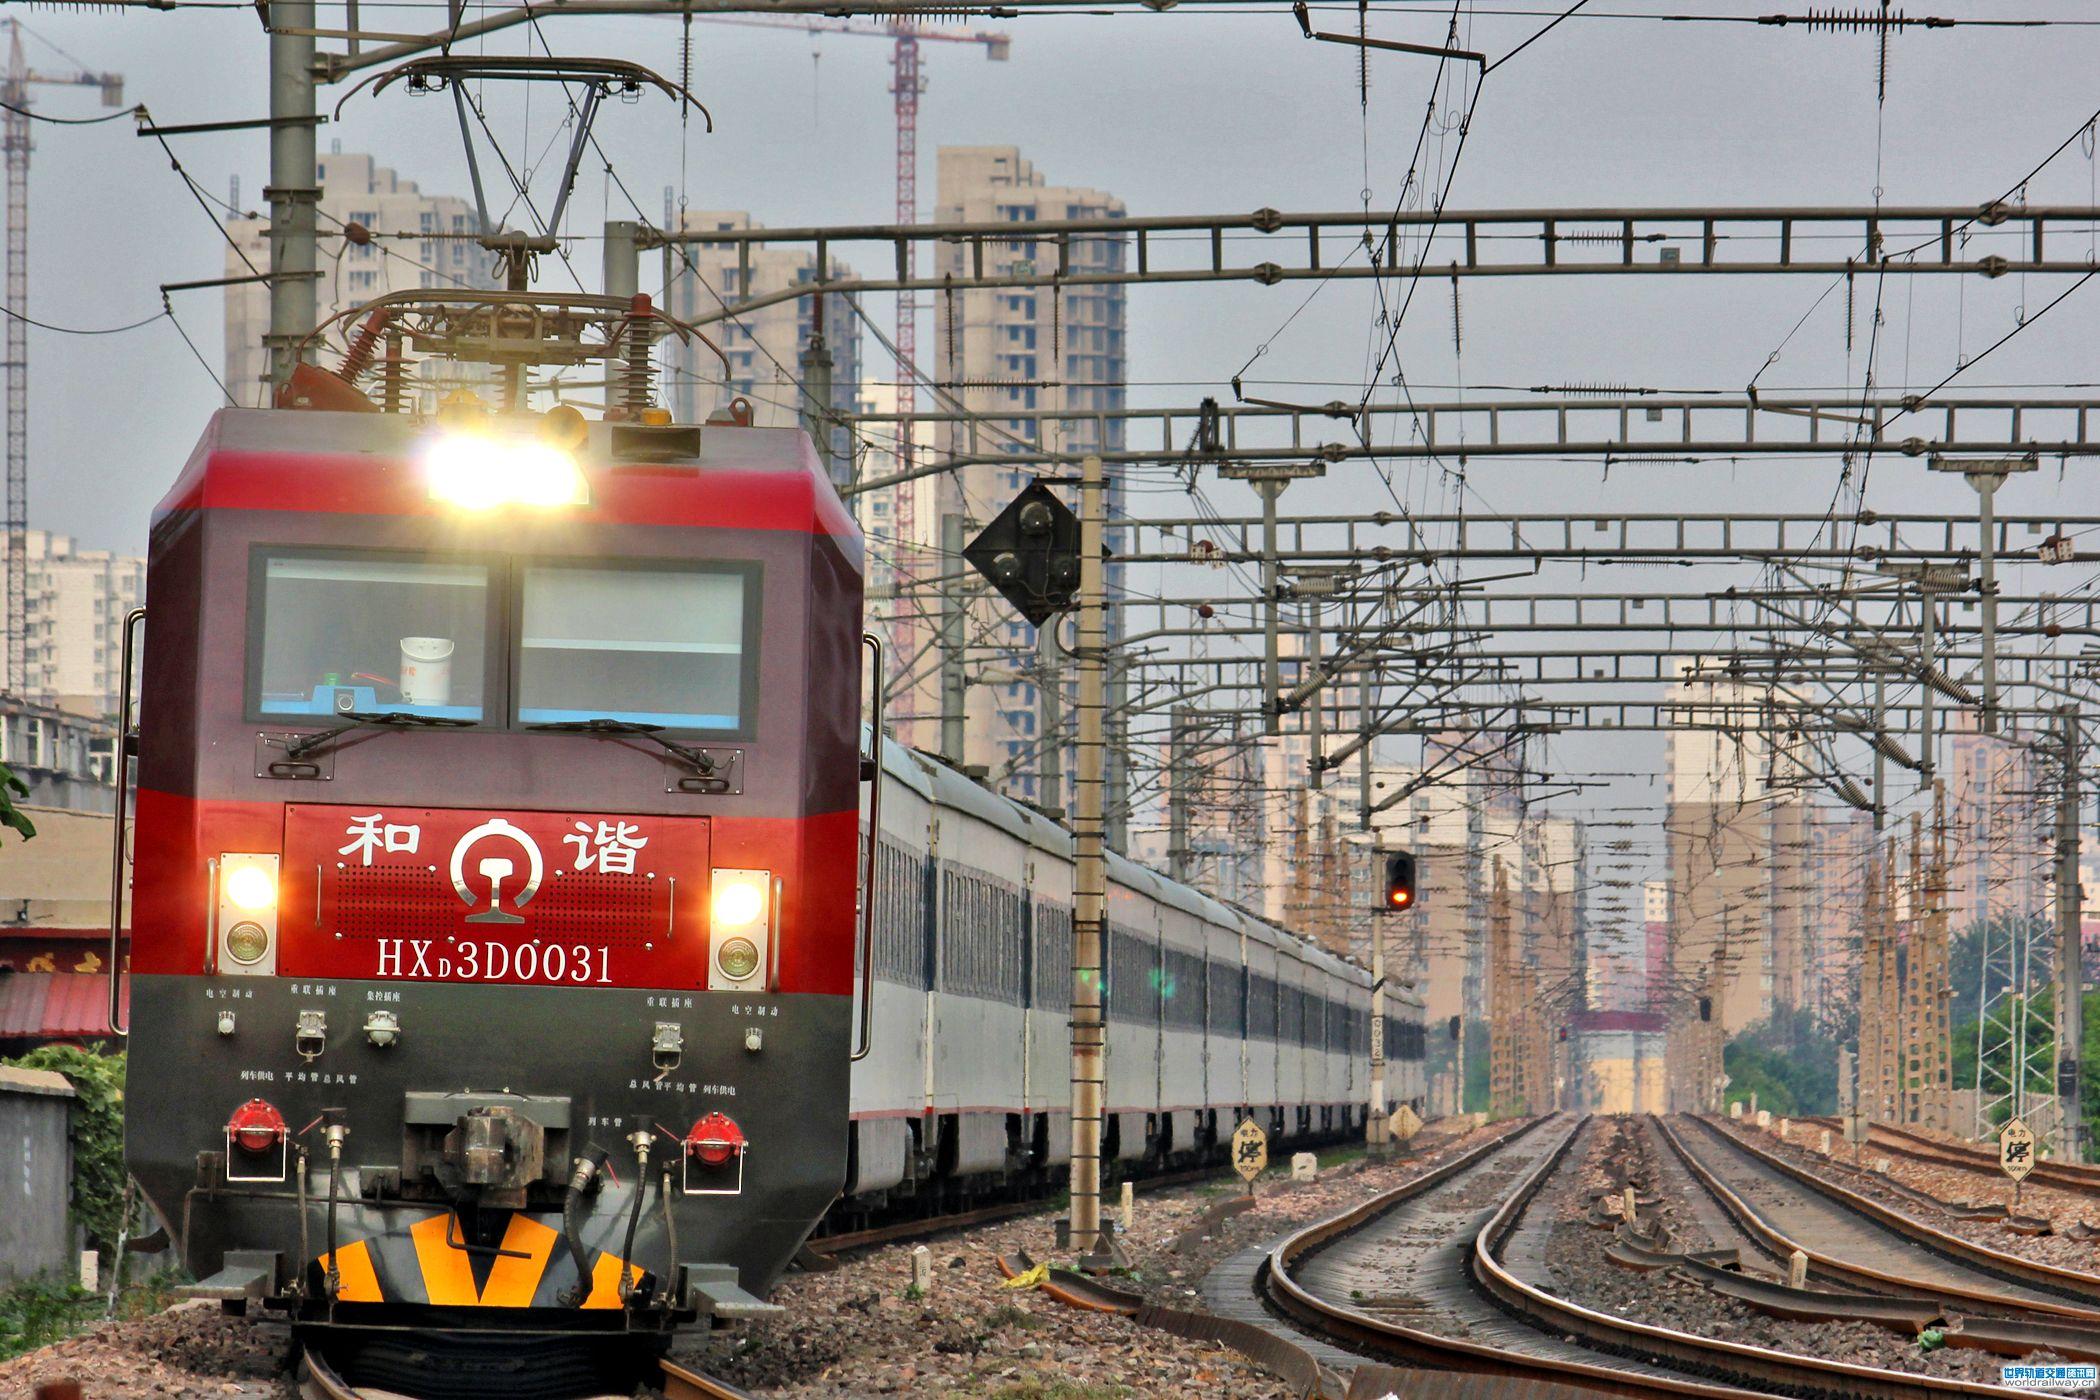 大连机车和谐3d型火车头 创我国铁路机车运行里程之最